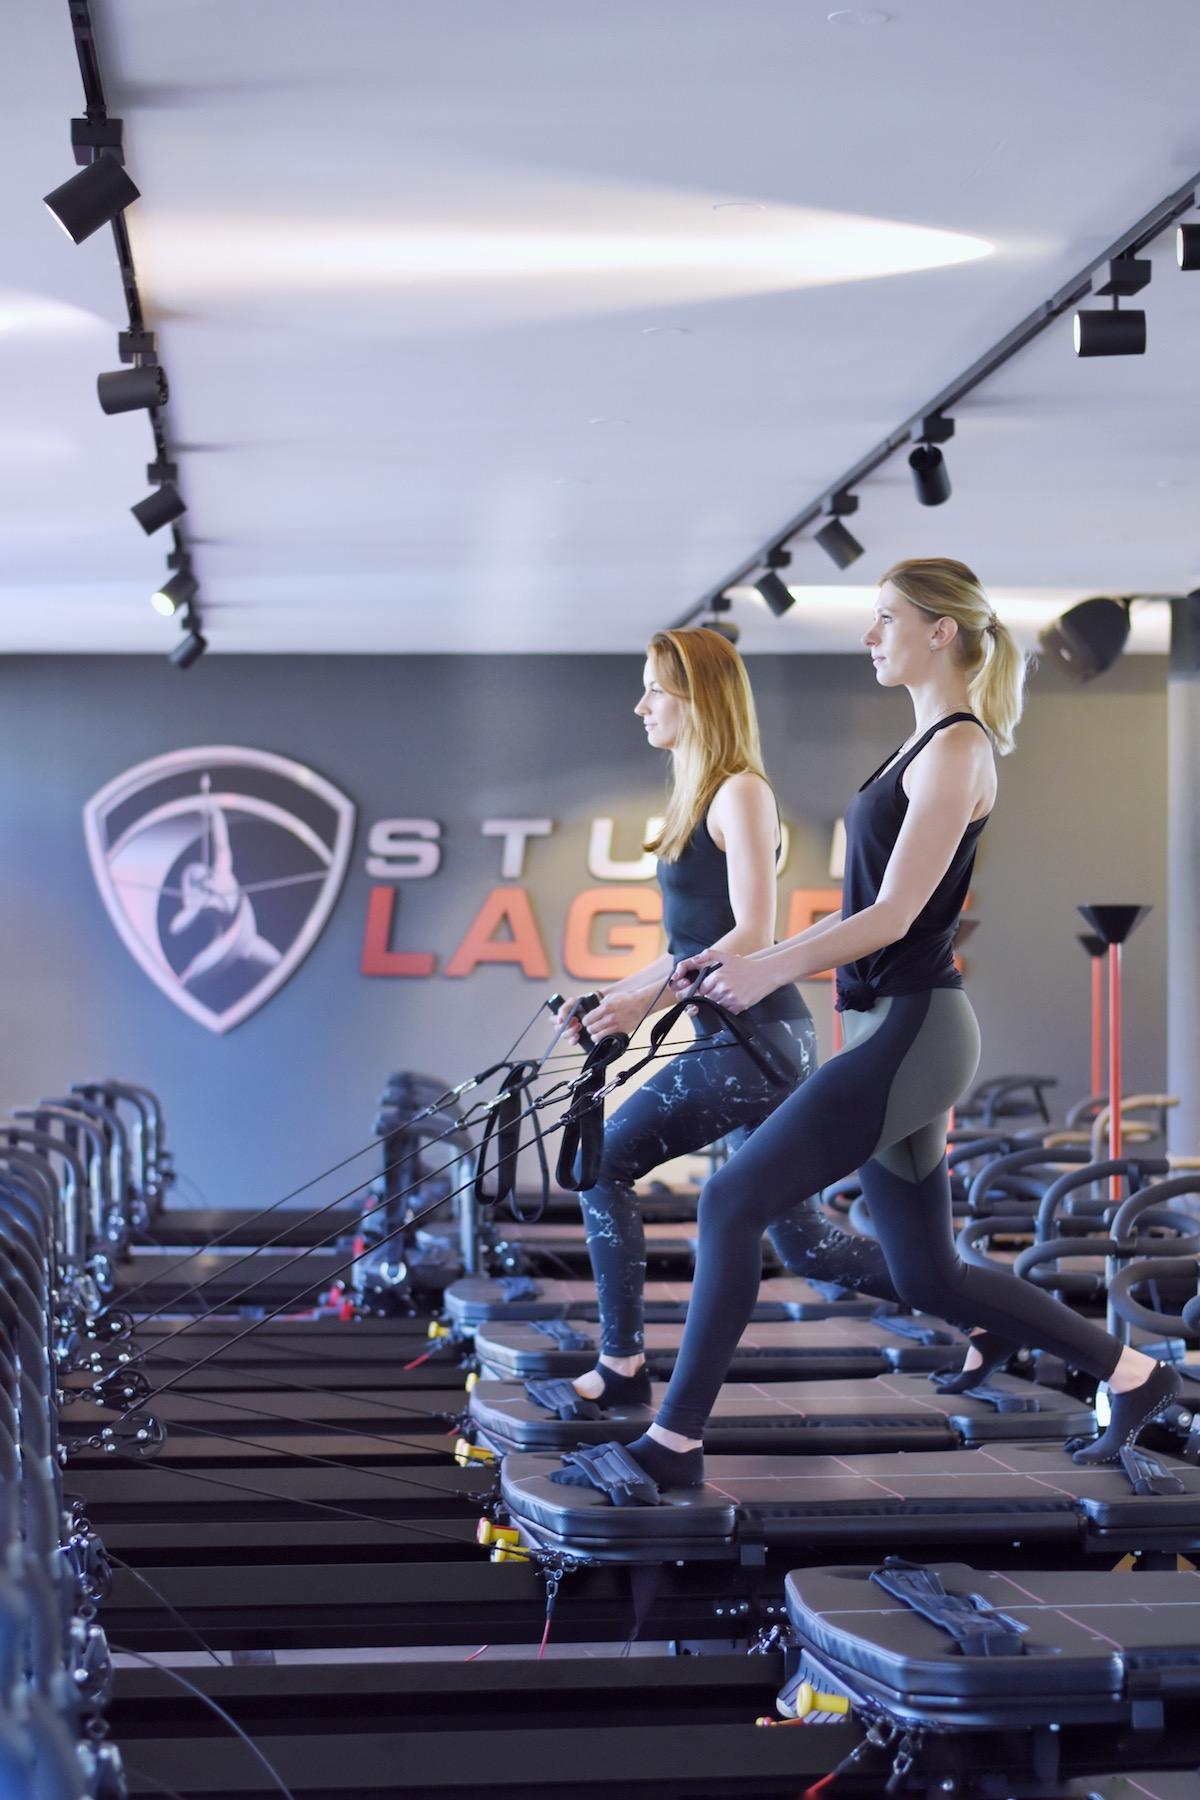 Studio Lagree München - ganzheitliches Fitnesstraining | Interview Susanna & Melanie beim Training auf dem Megaformer